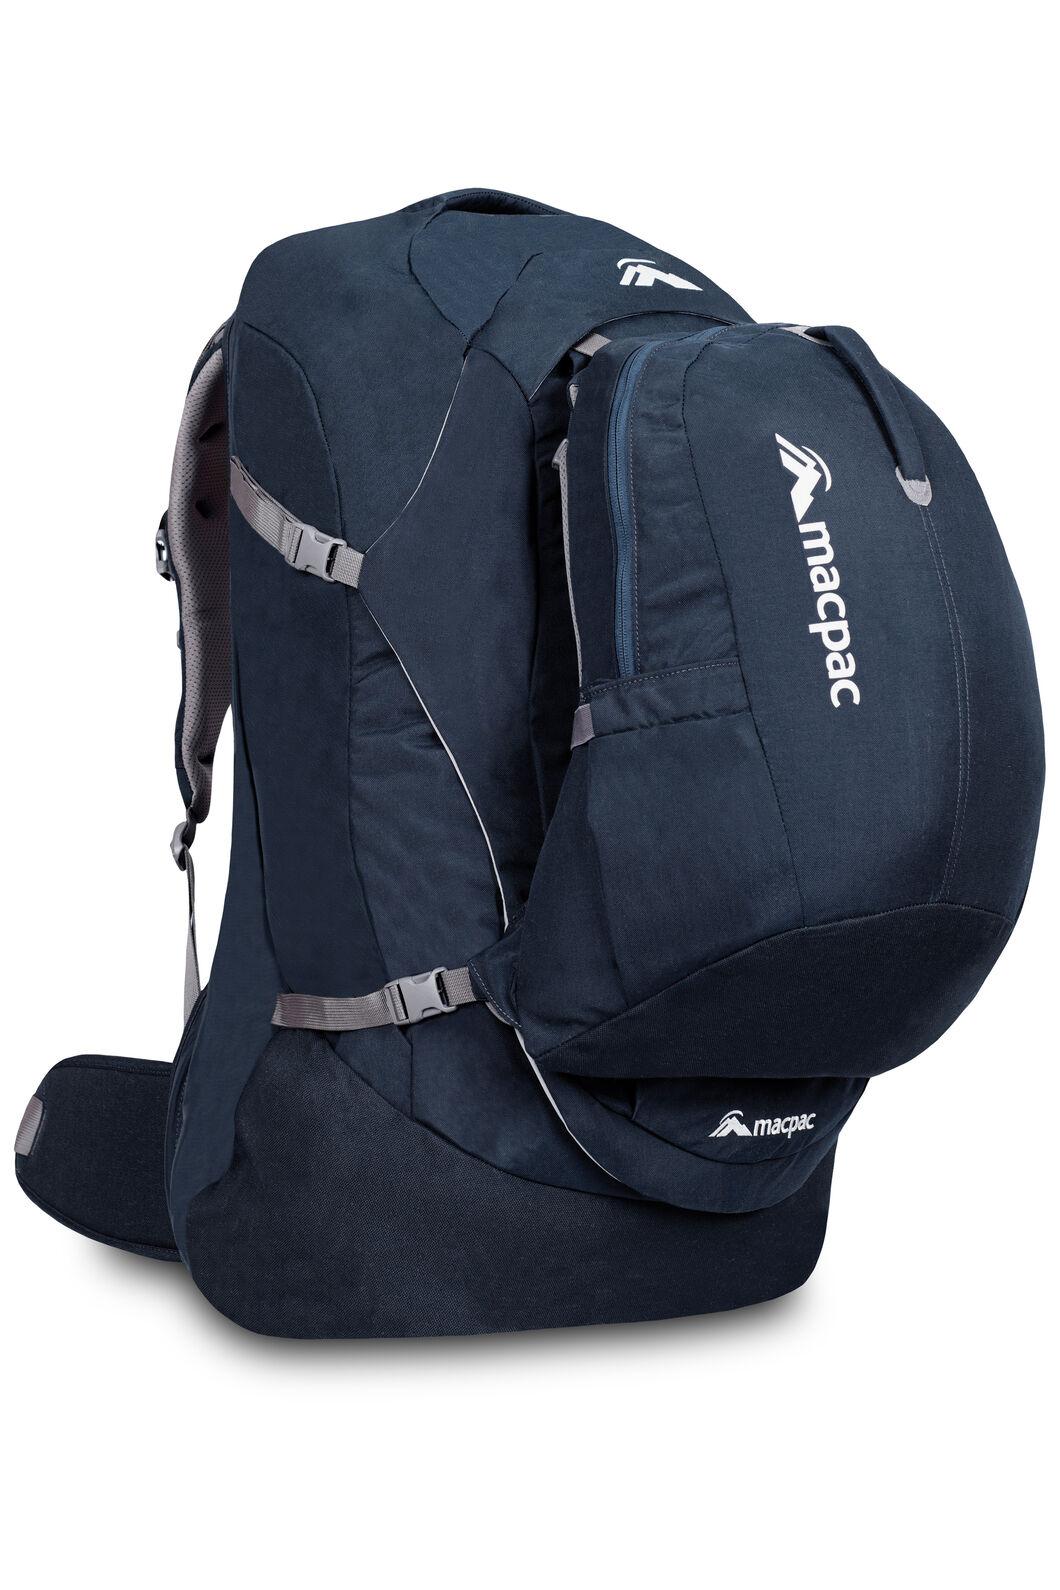 Macpac Pegasus 70L Travel Backpack, Carbon, hi-res